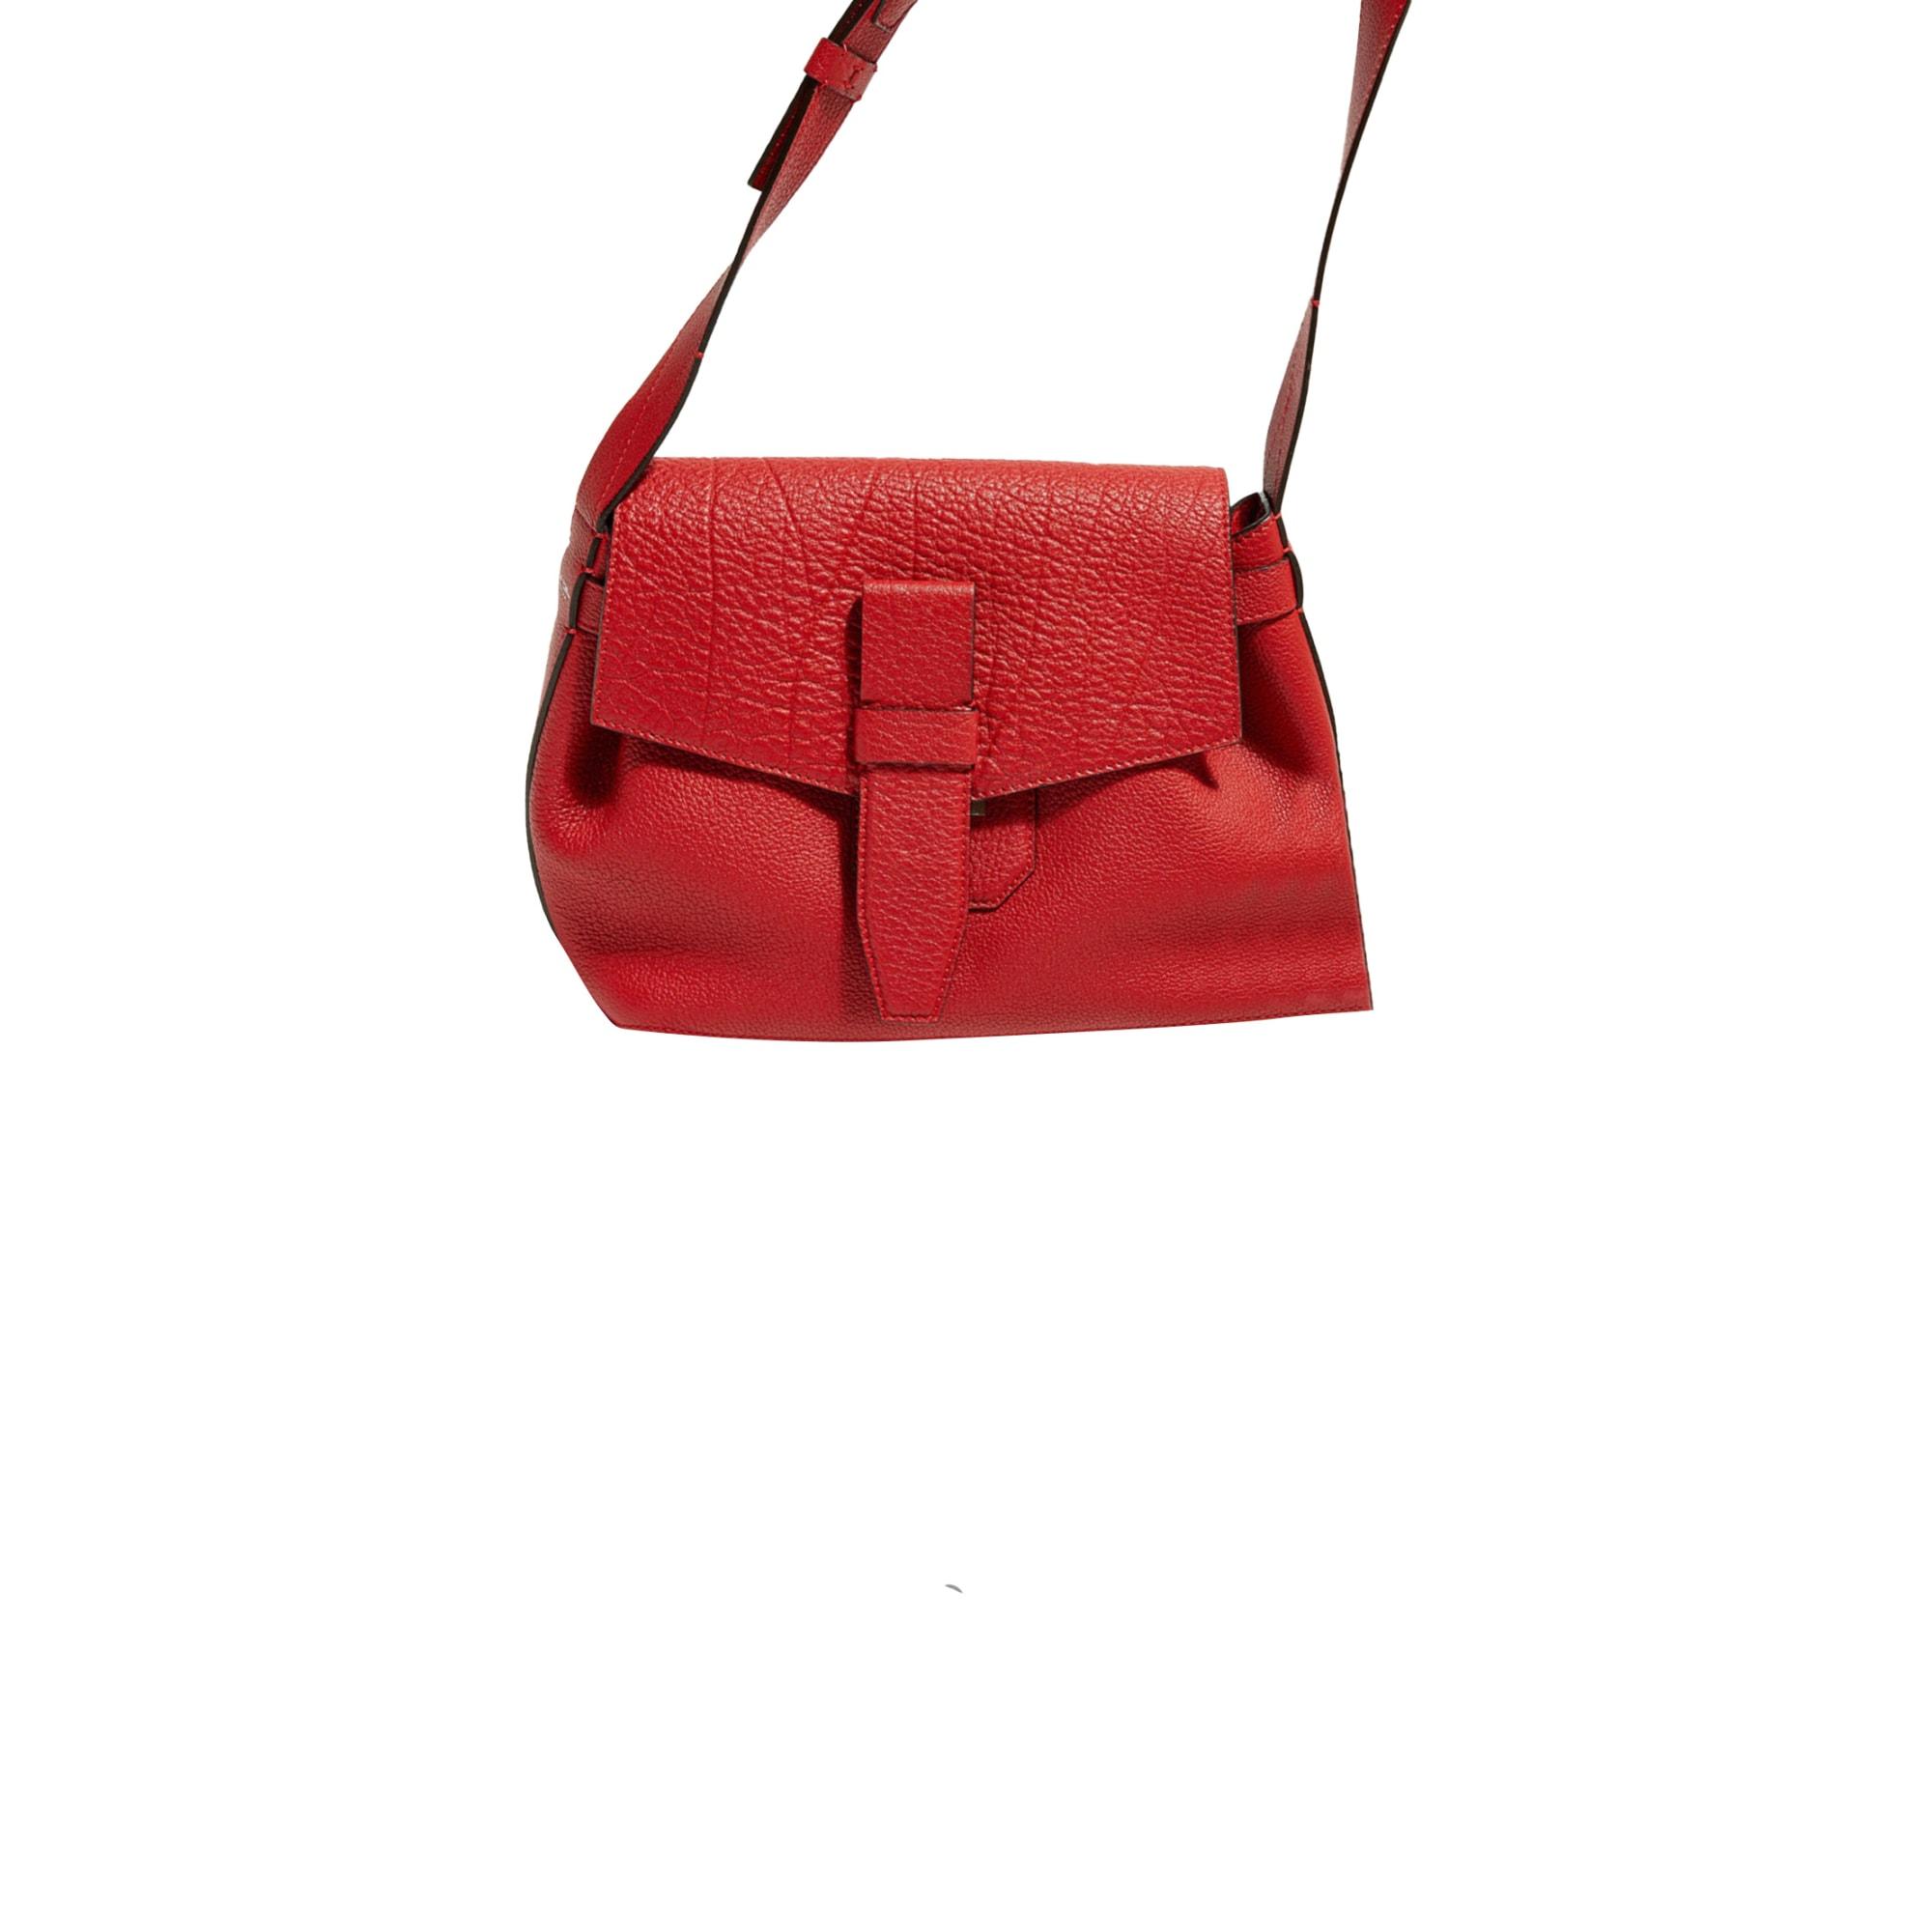 Leather Shoulder Bag LANCEL Charlie Red, burgundy